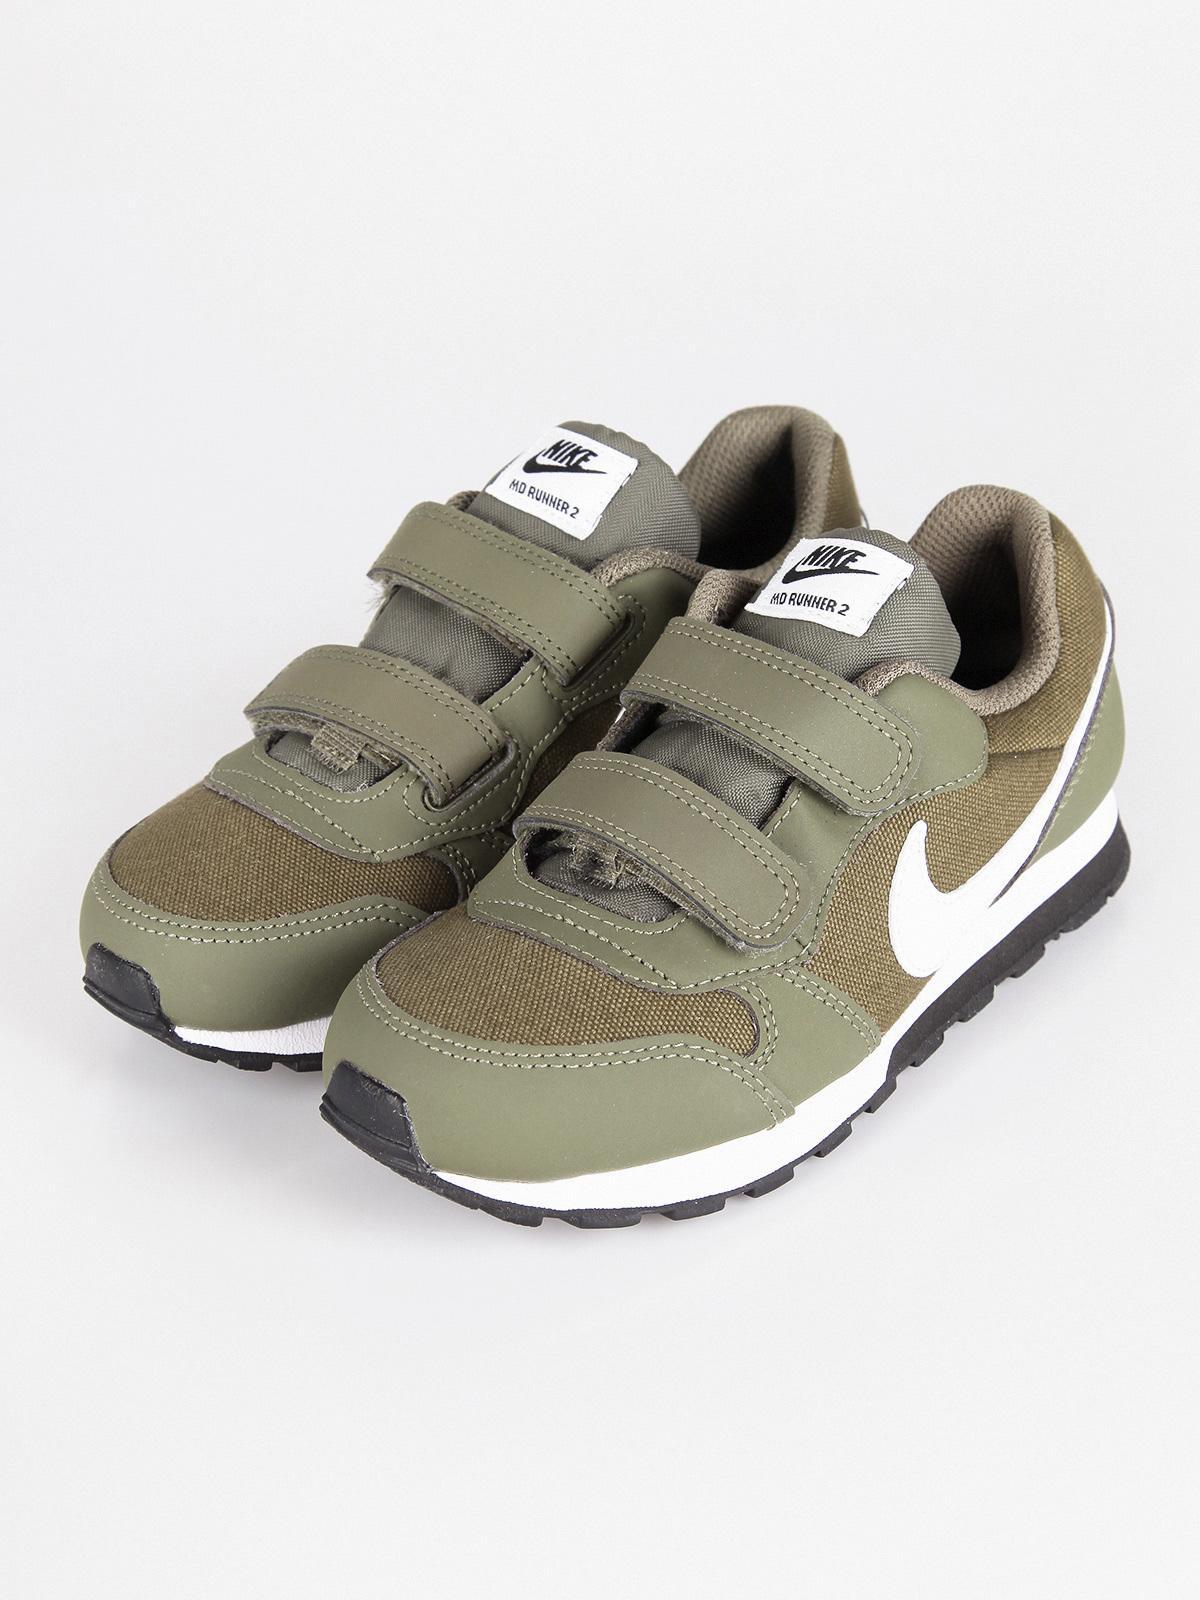 MD Runner 2 - Sneakers verde militare nike | MecShopping